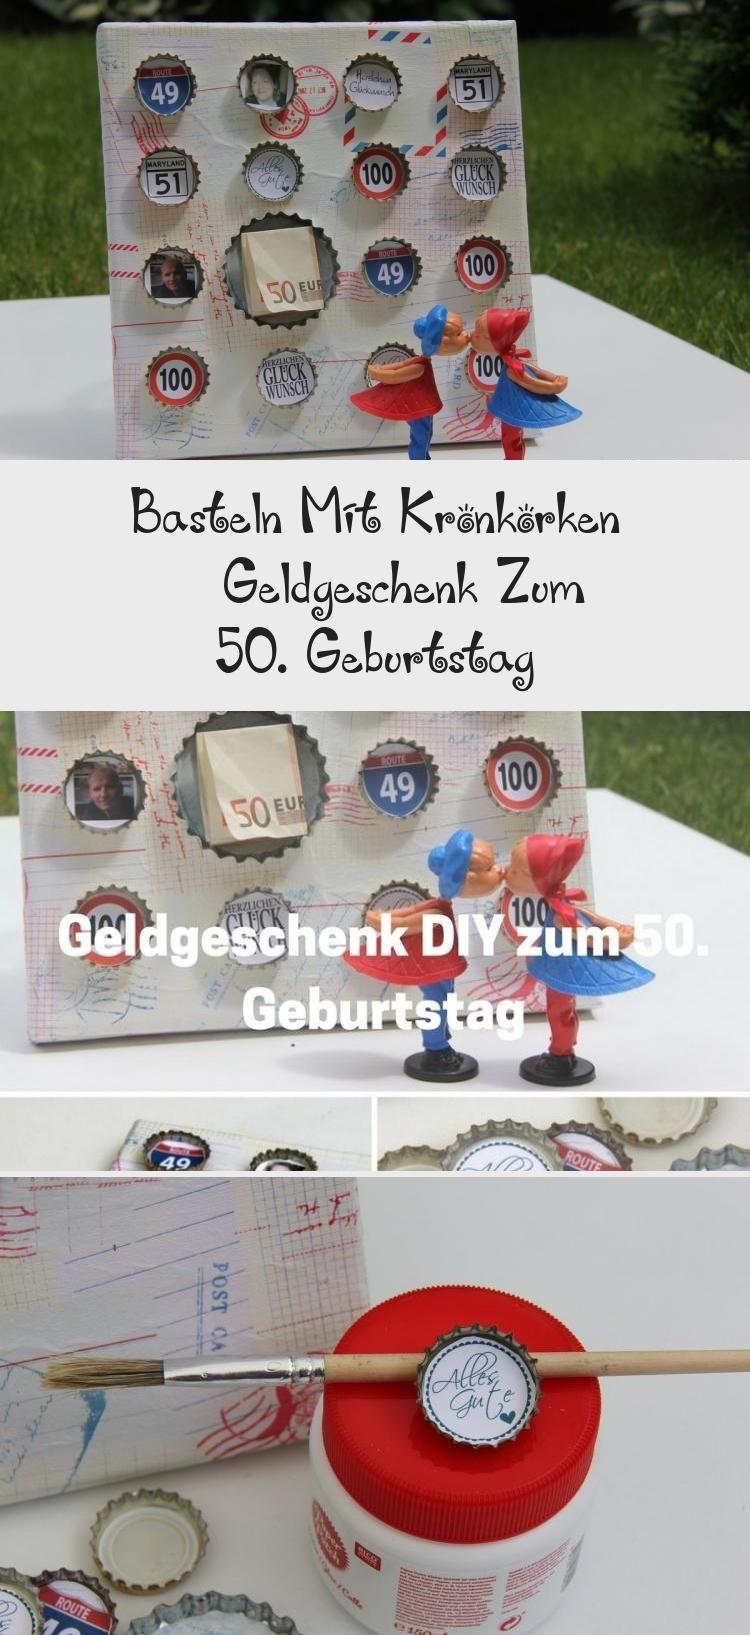 Basteln Mit Kronkorken Geldgeschenk Zum 50 Geburtstag With